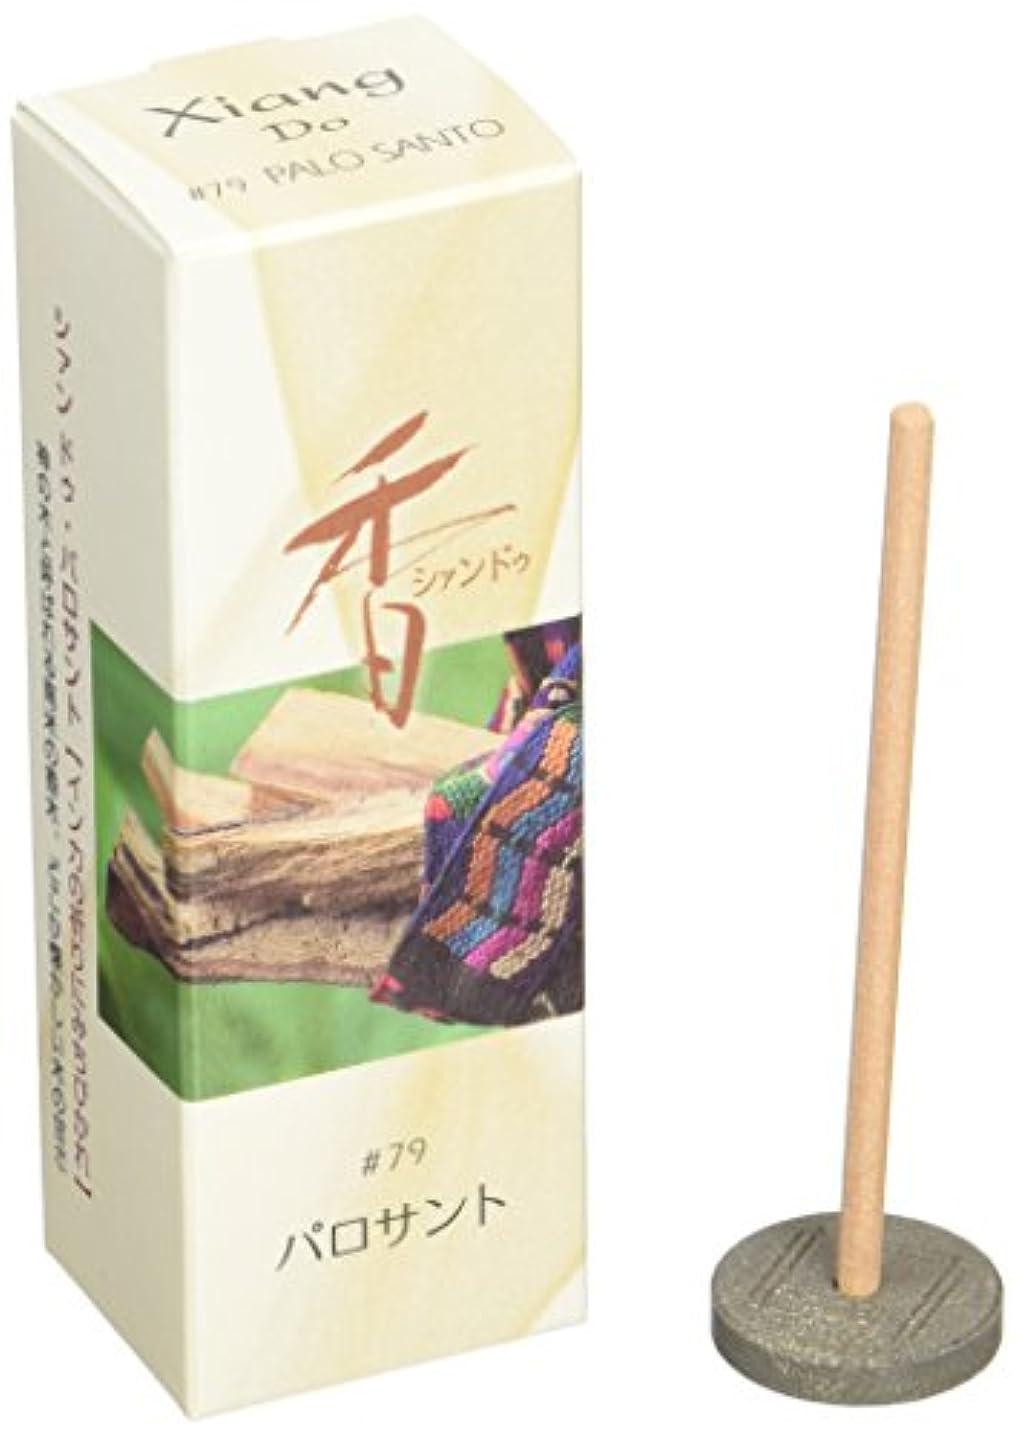 松栄堂のお香 Xiang Do パロサント ST20本入 簡易香立付 #214279